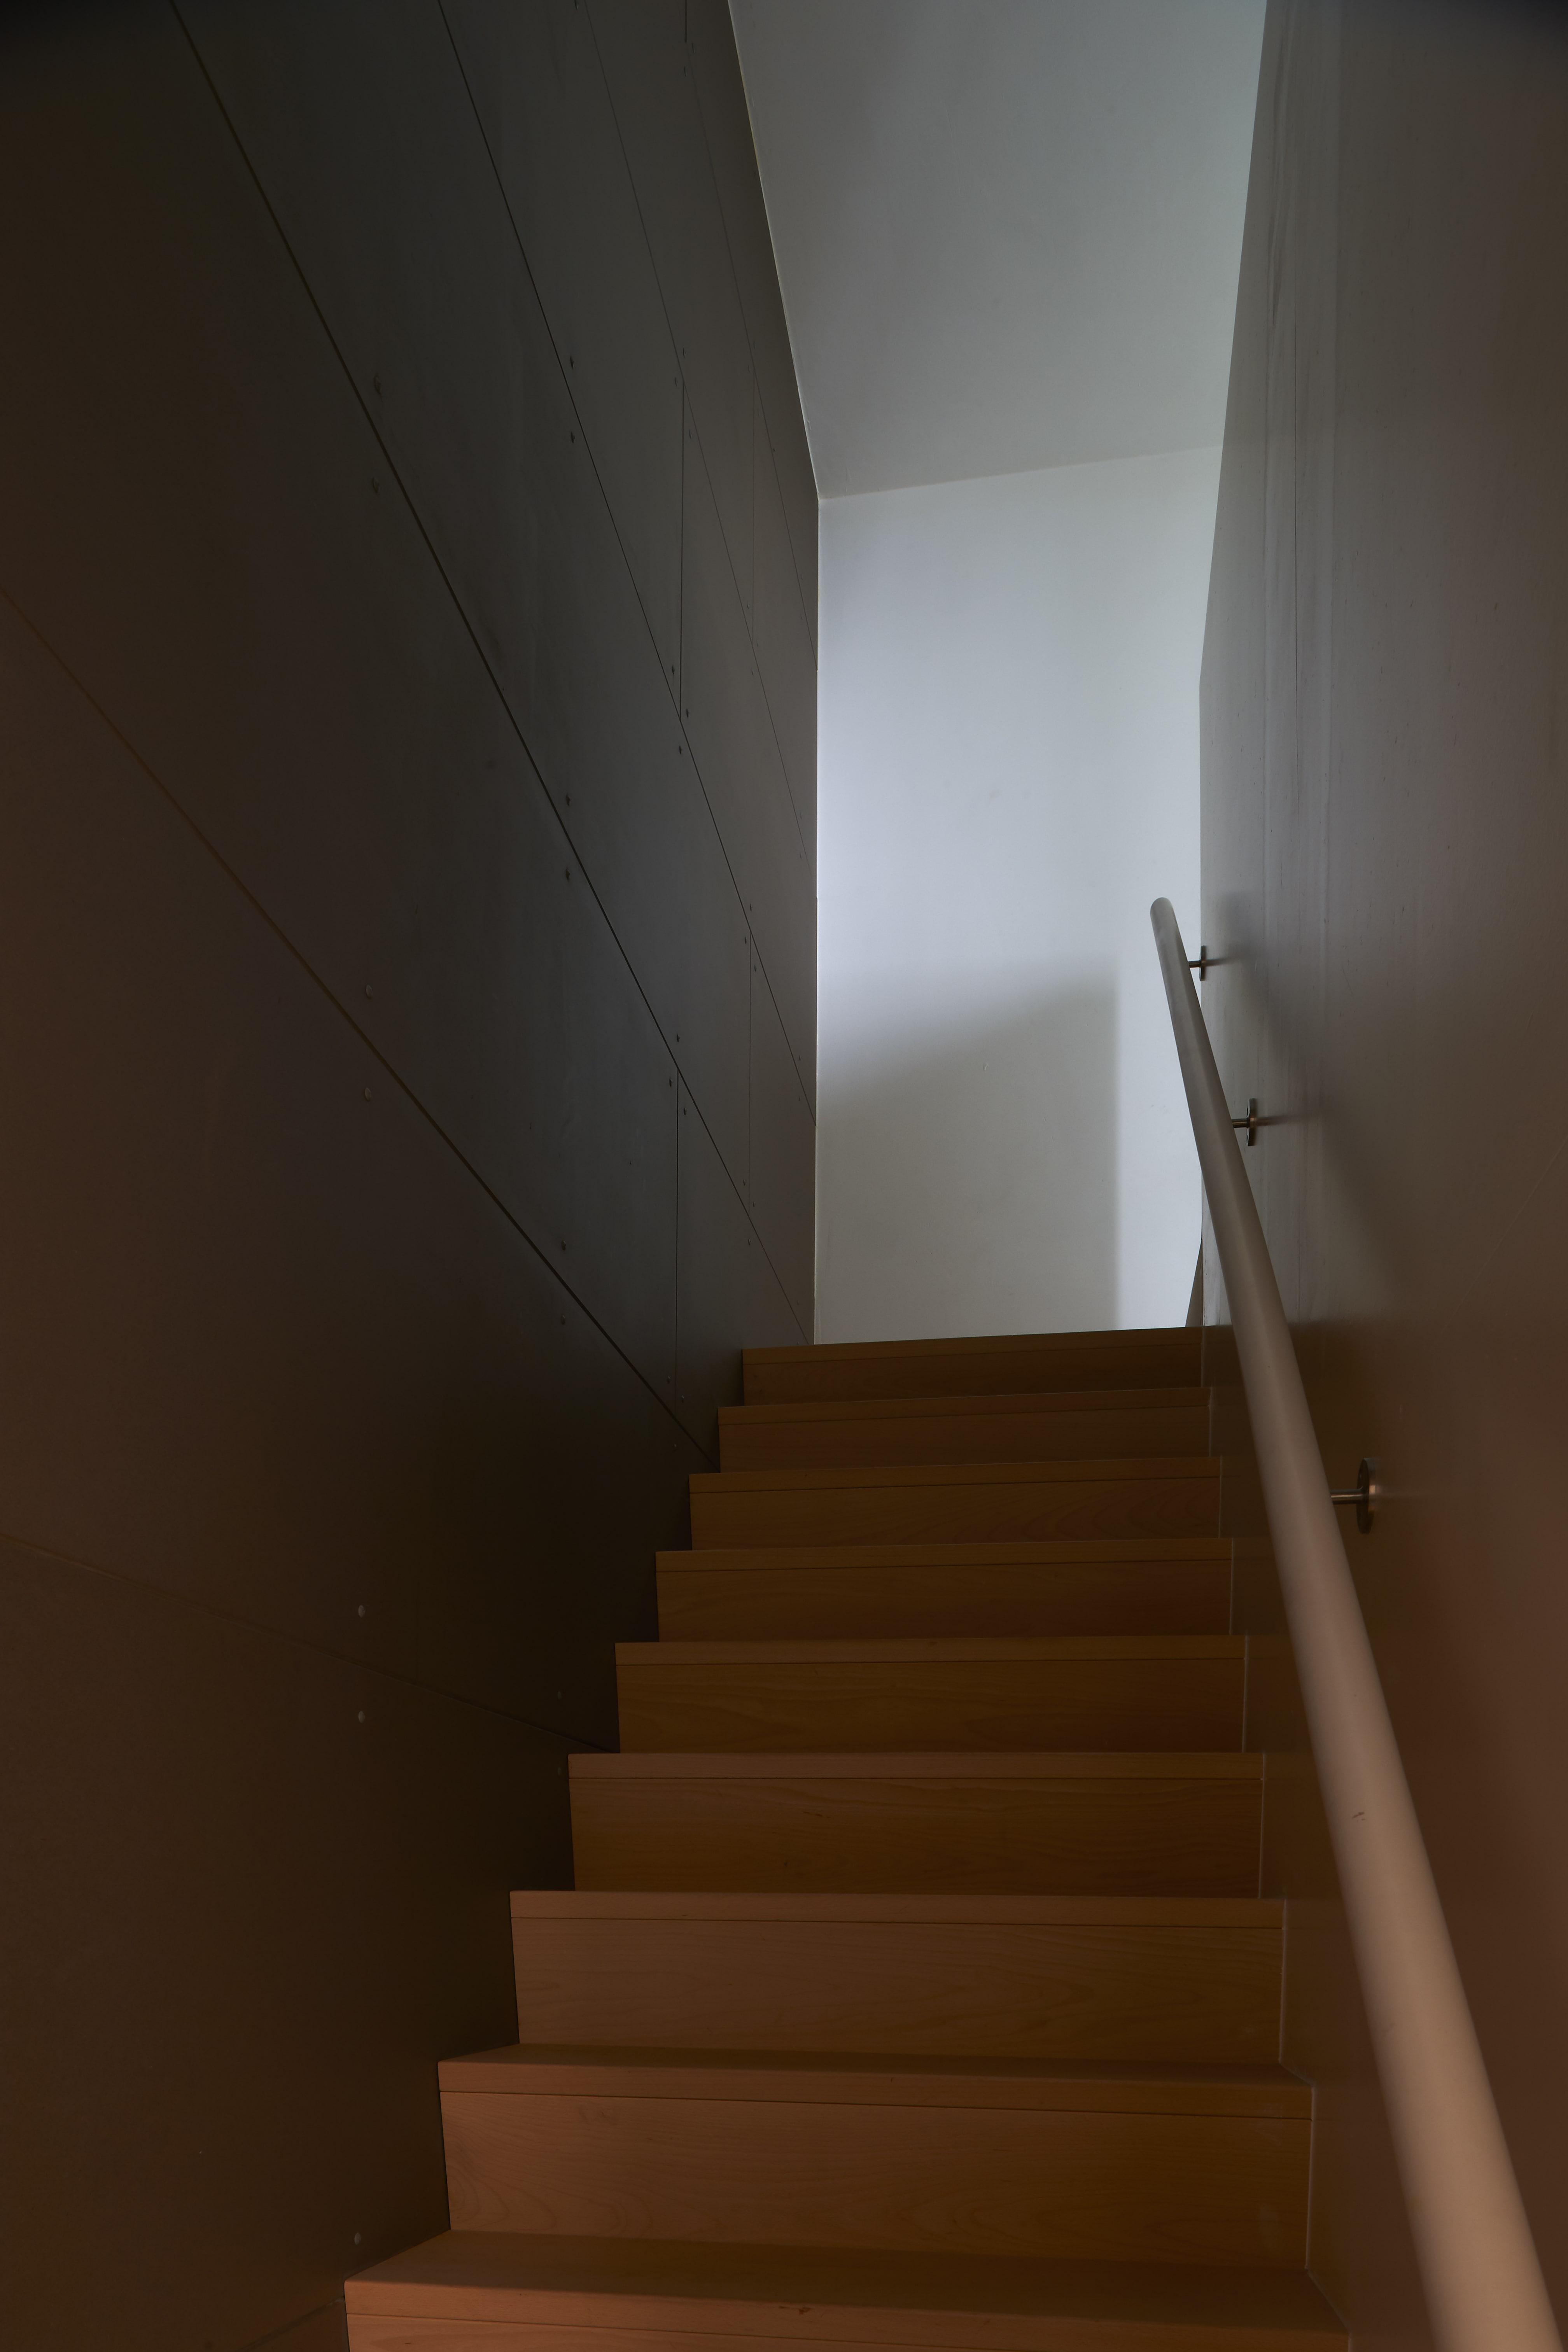 Escalier premier vers deuxième